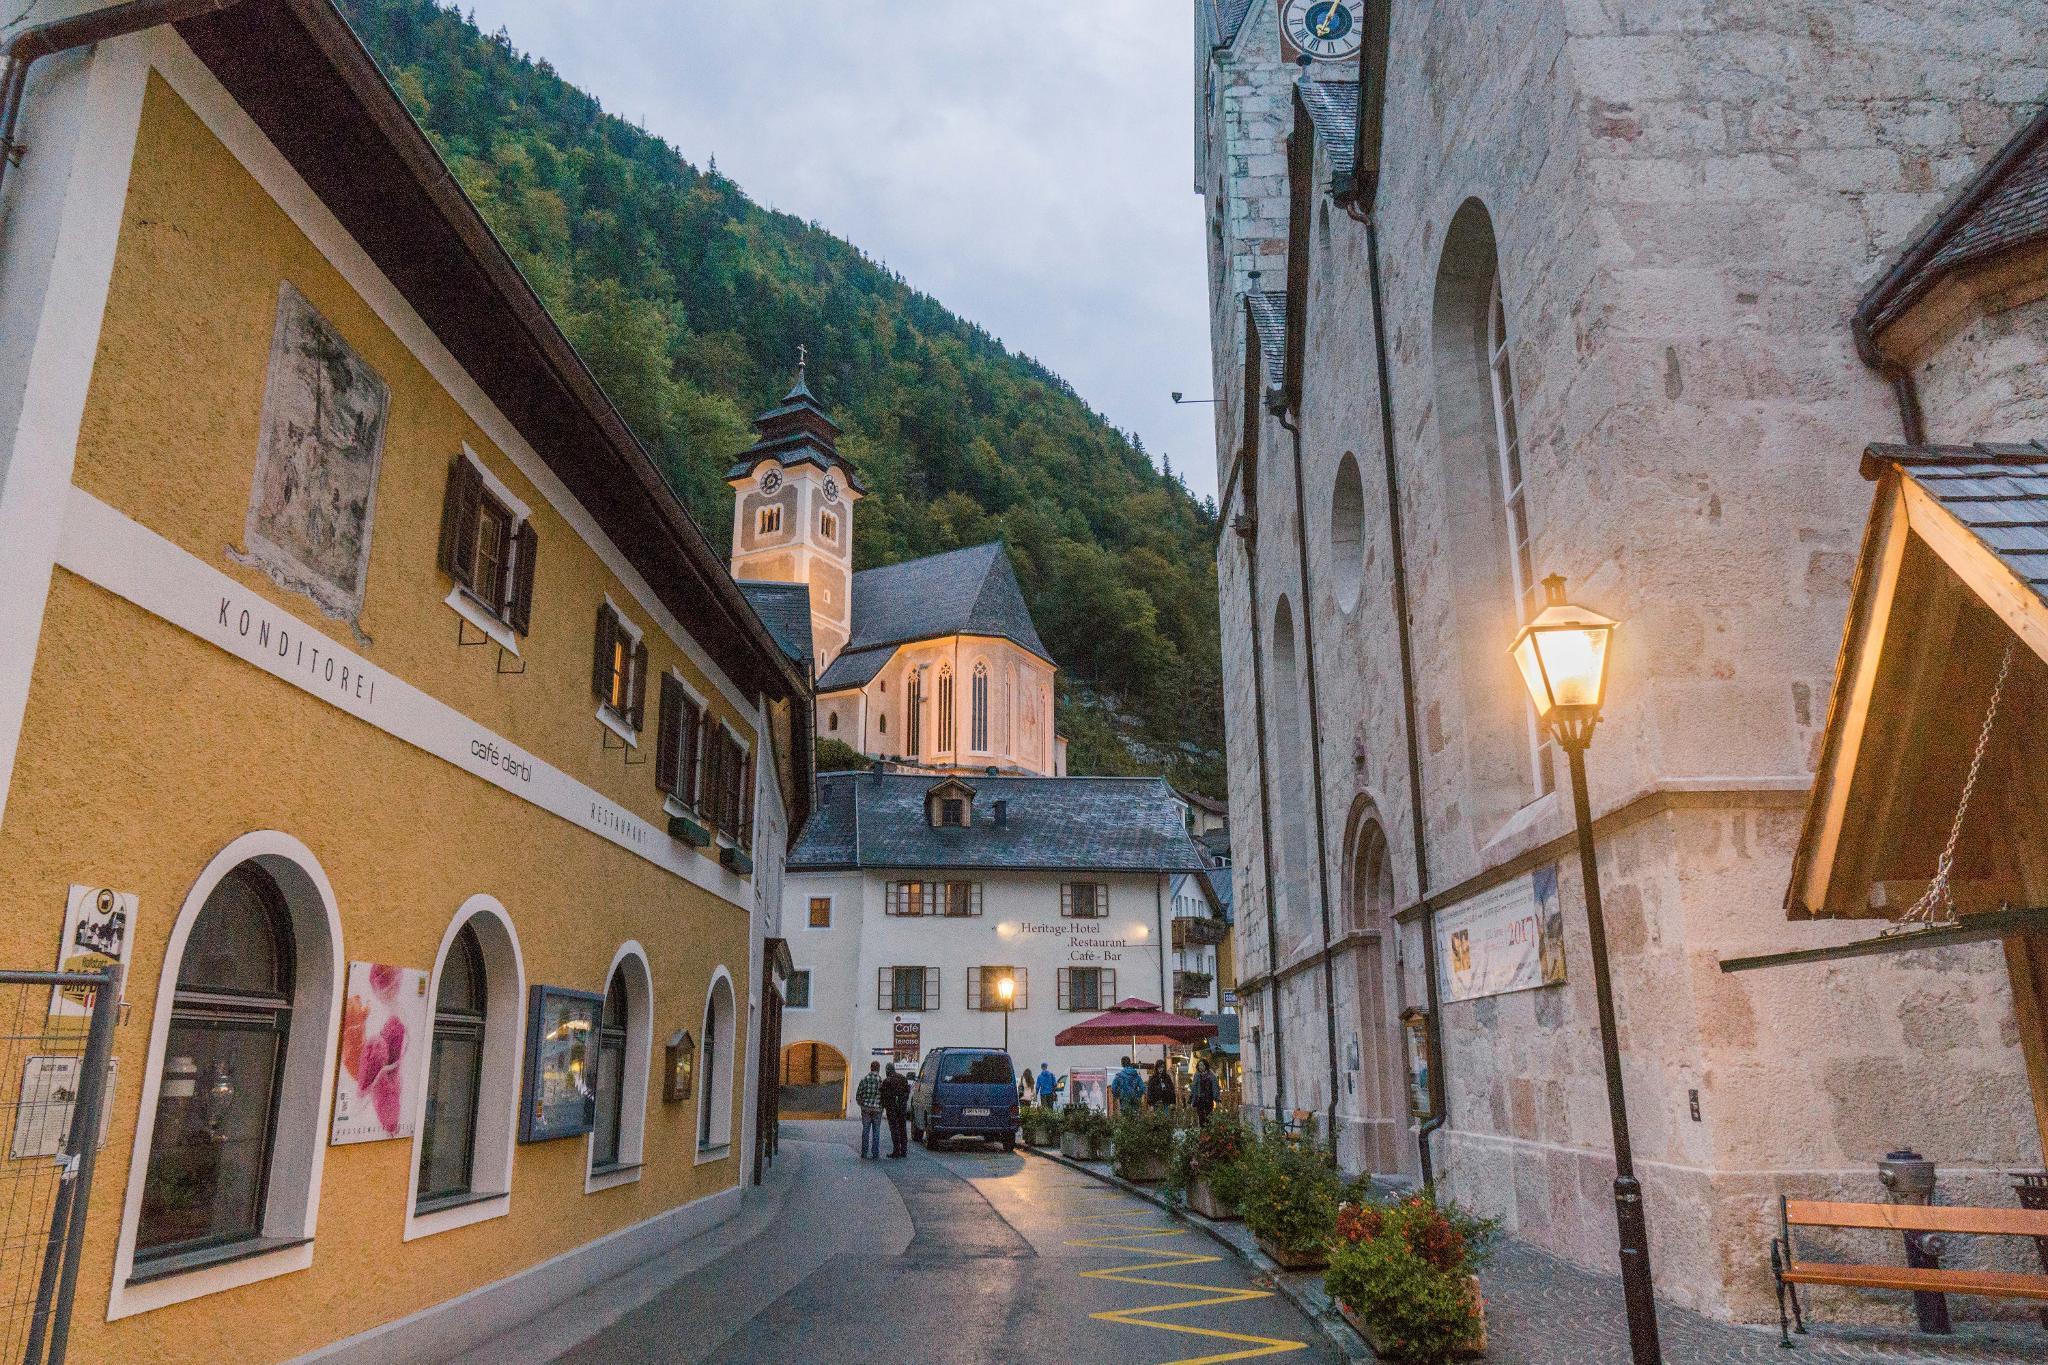 【奧地利】童話仙境 Hallstatt 哈修塔特 — 追逐世界遺產小鎮的夢幻黃金日出 42